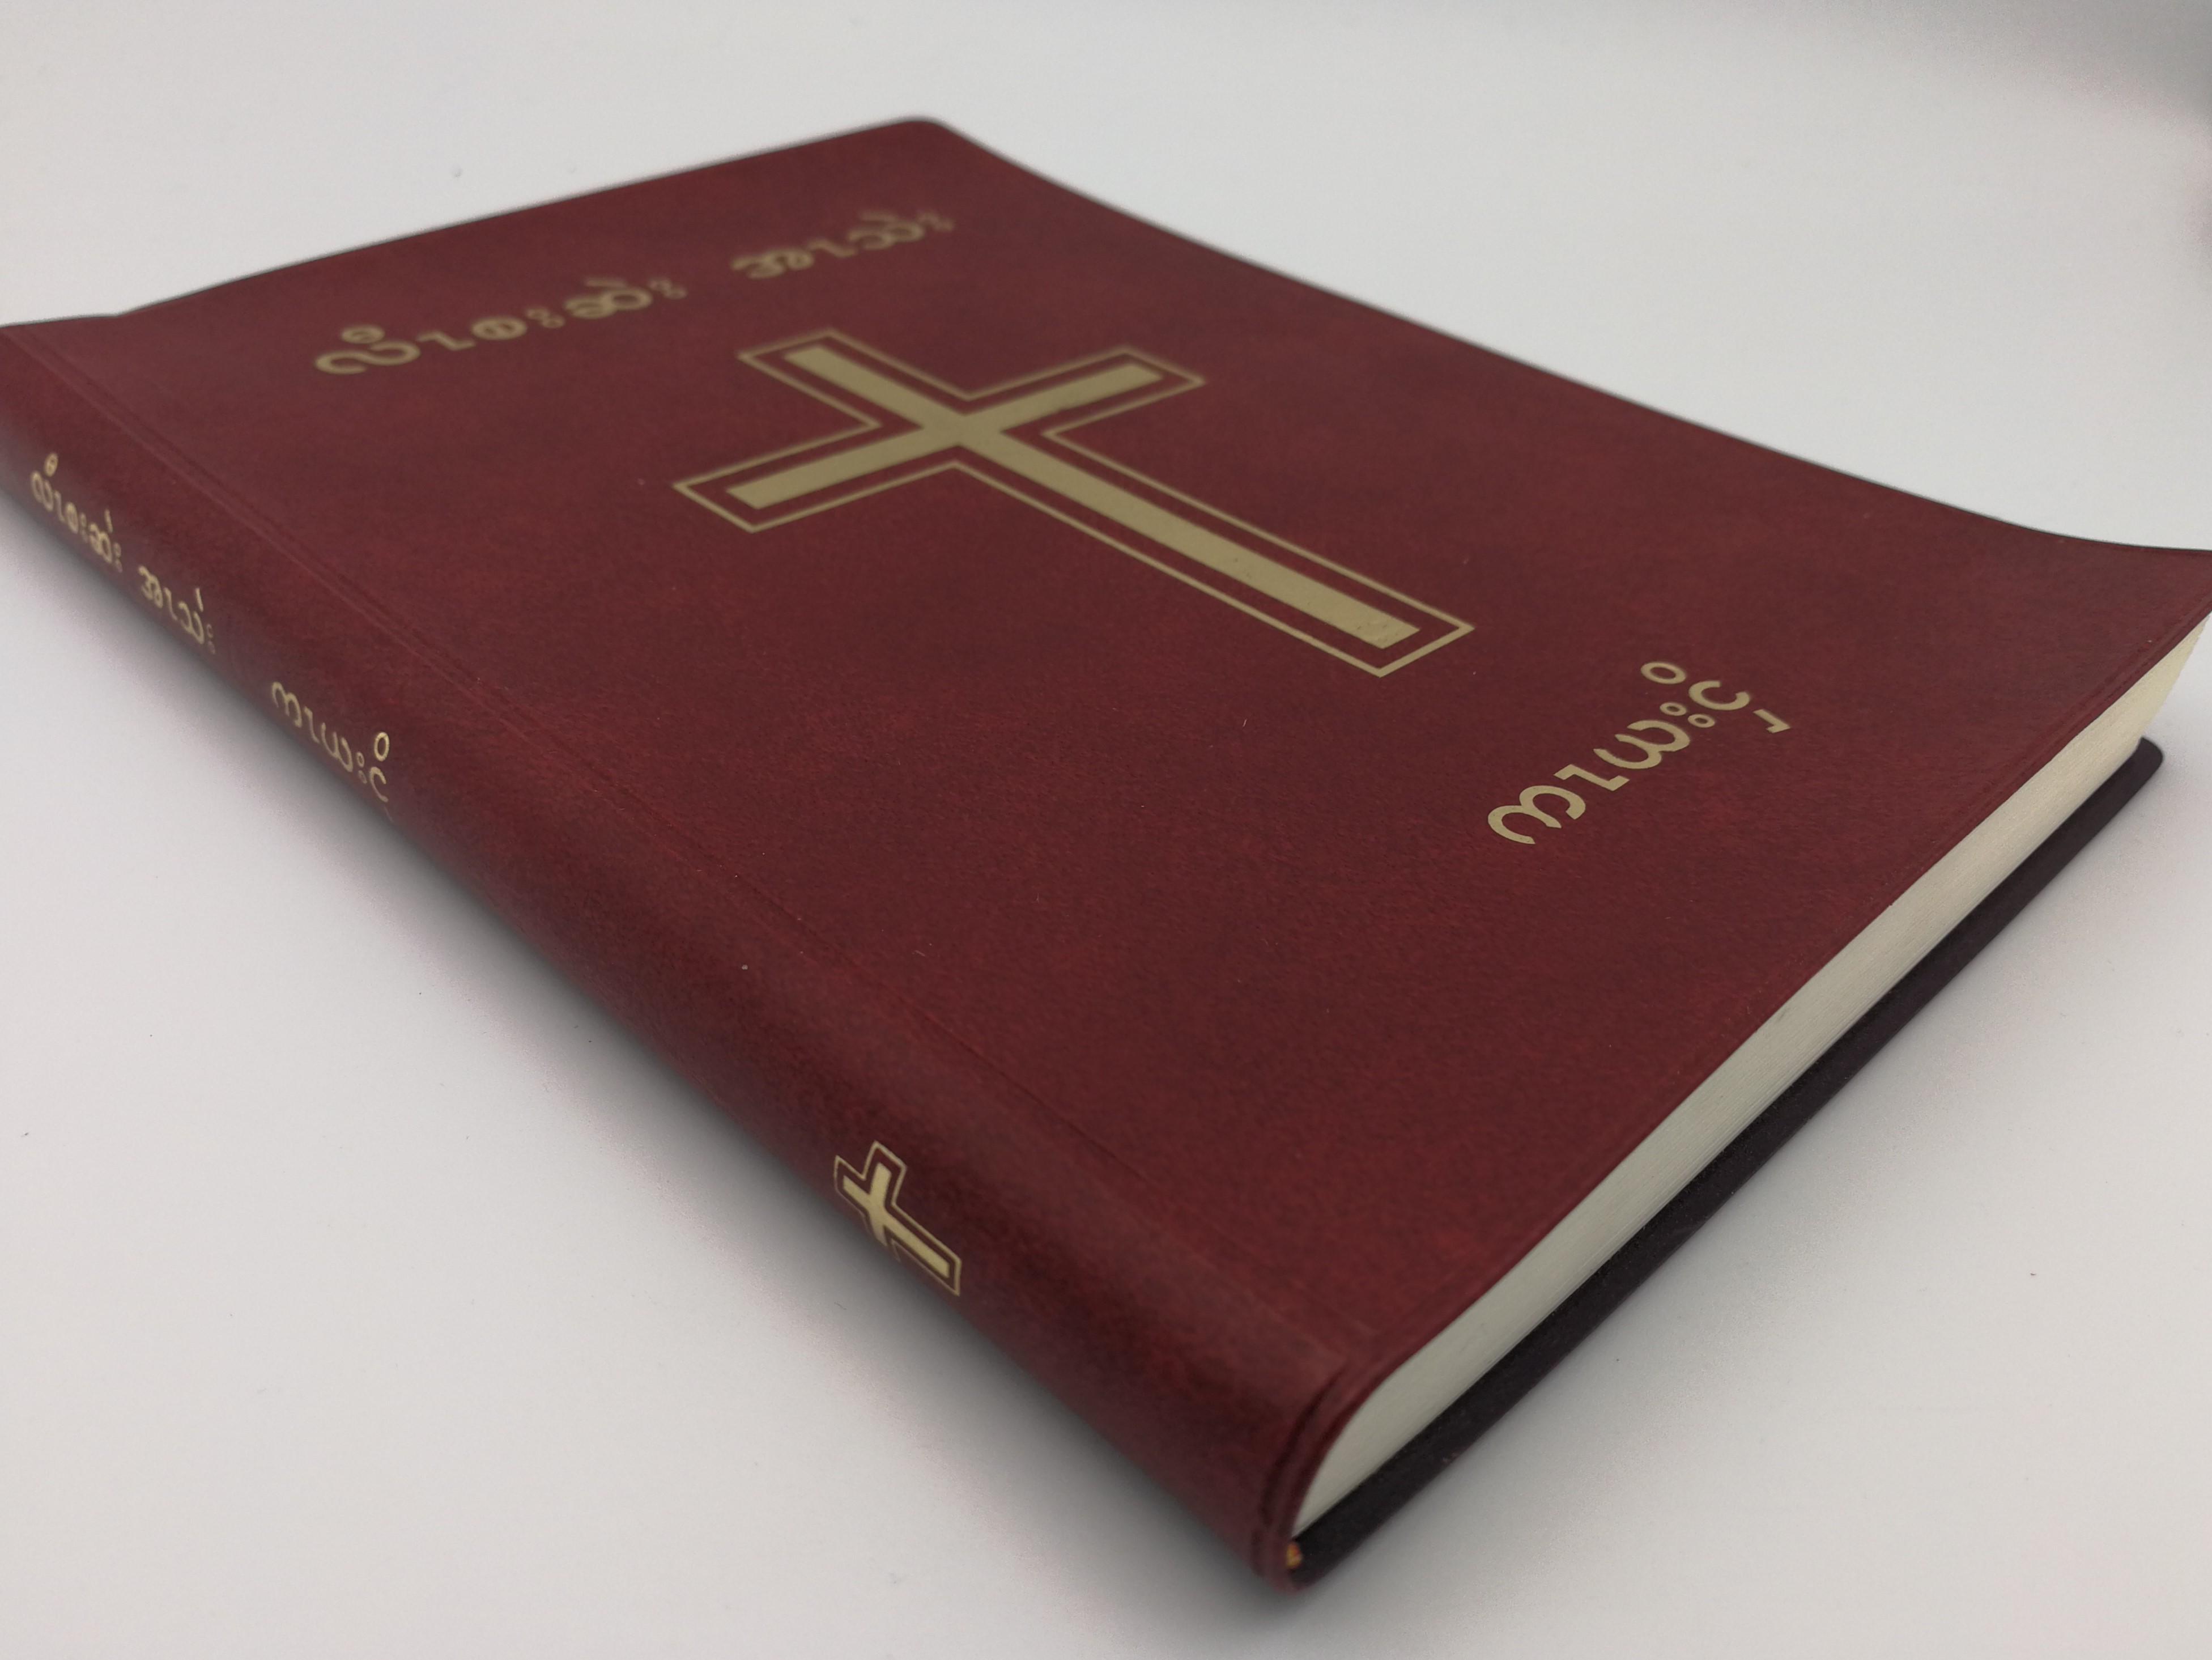 kayah-language-new-testament-2.jpg